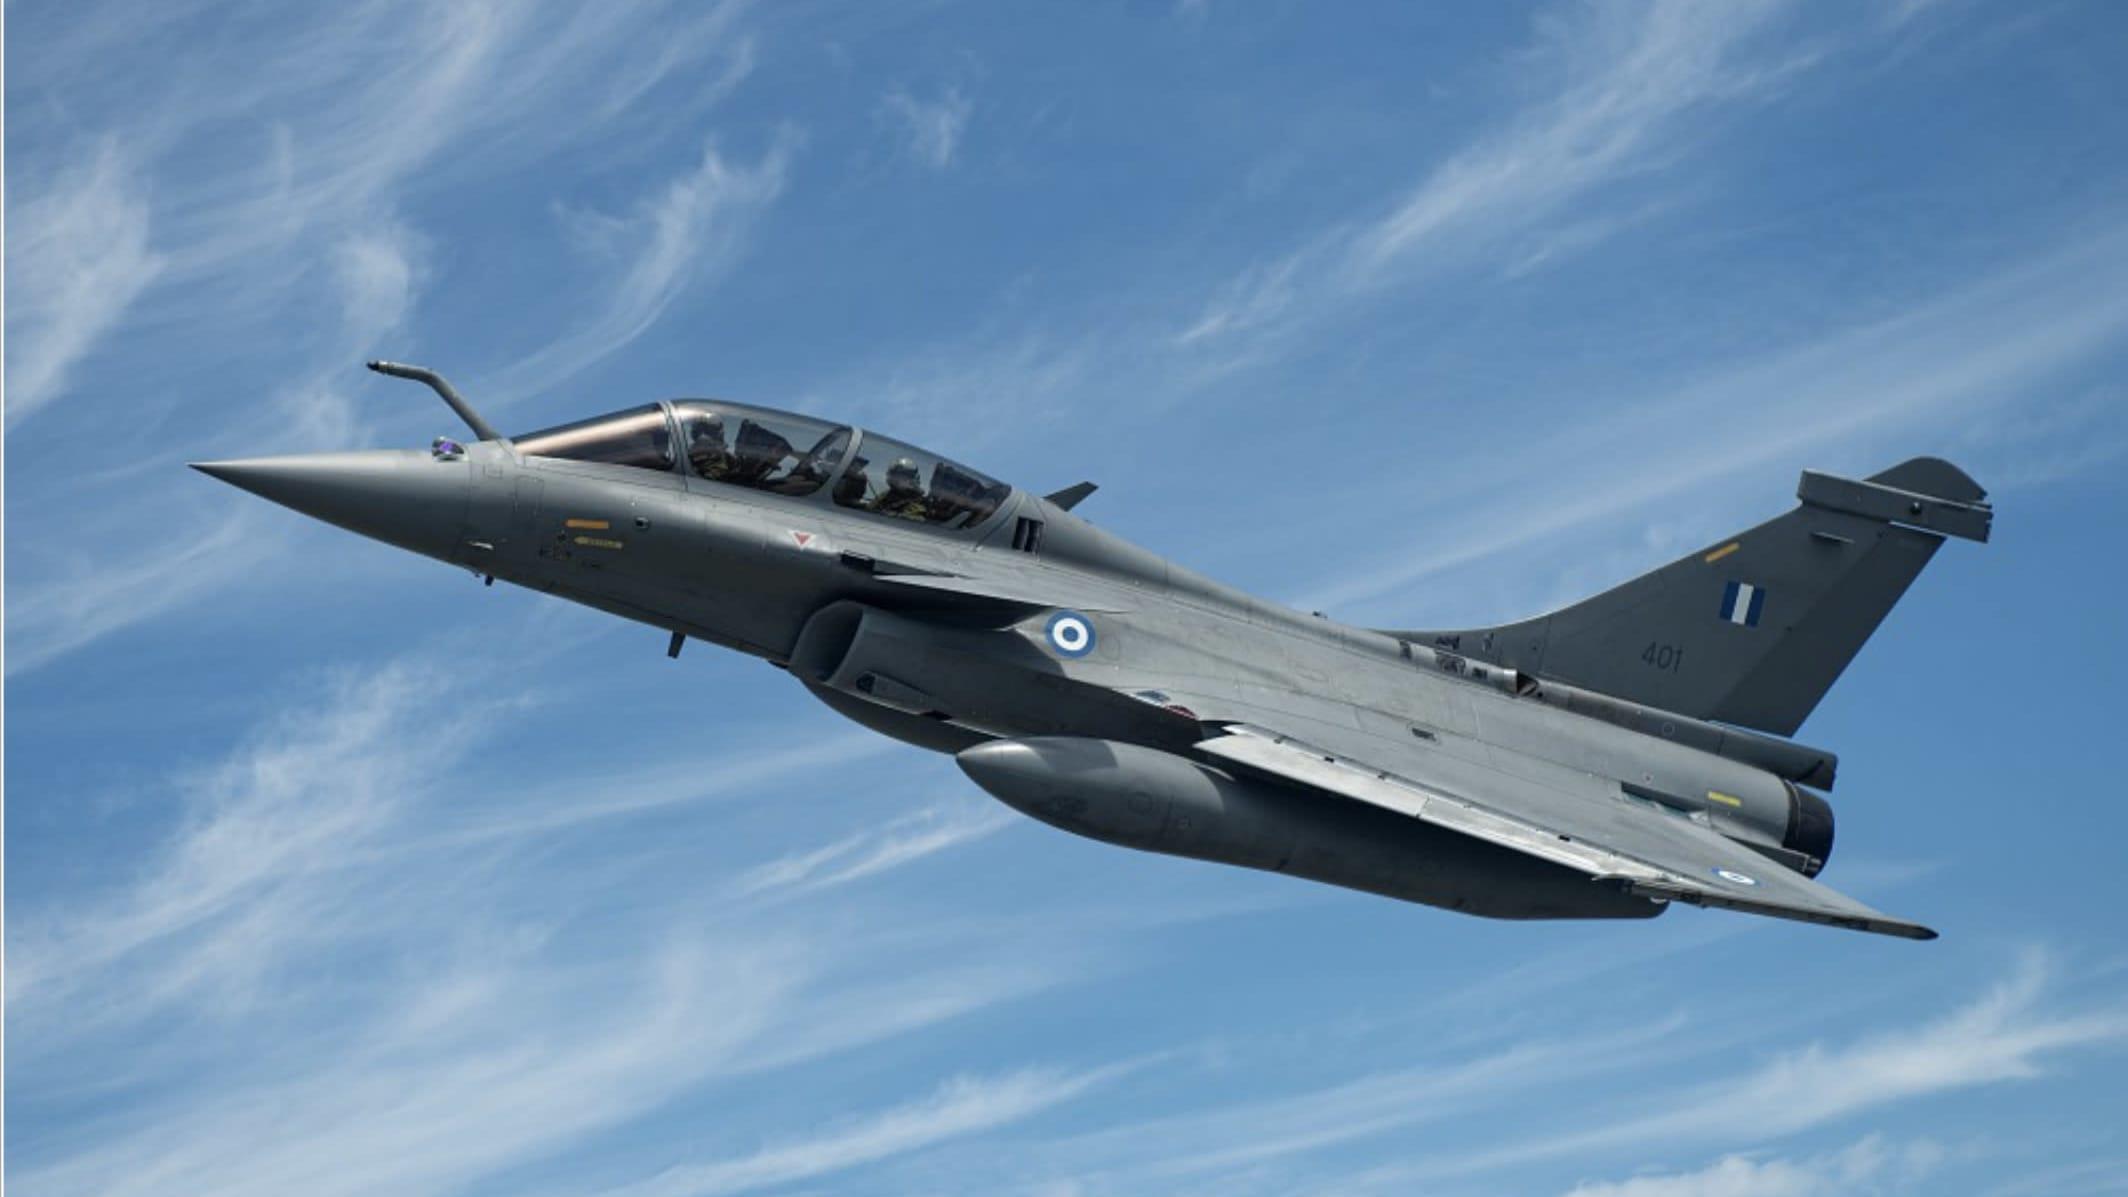 Kaksipaikkainen, Kreikan ilmavoimille toimitusta odottava kone koelennollaan.